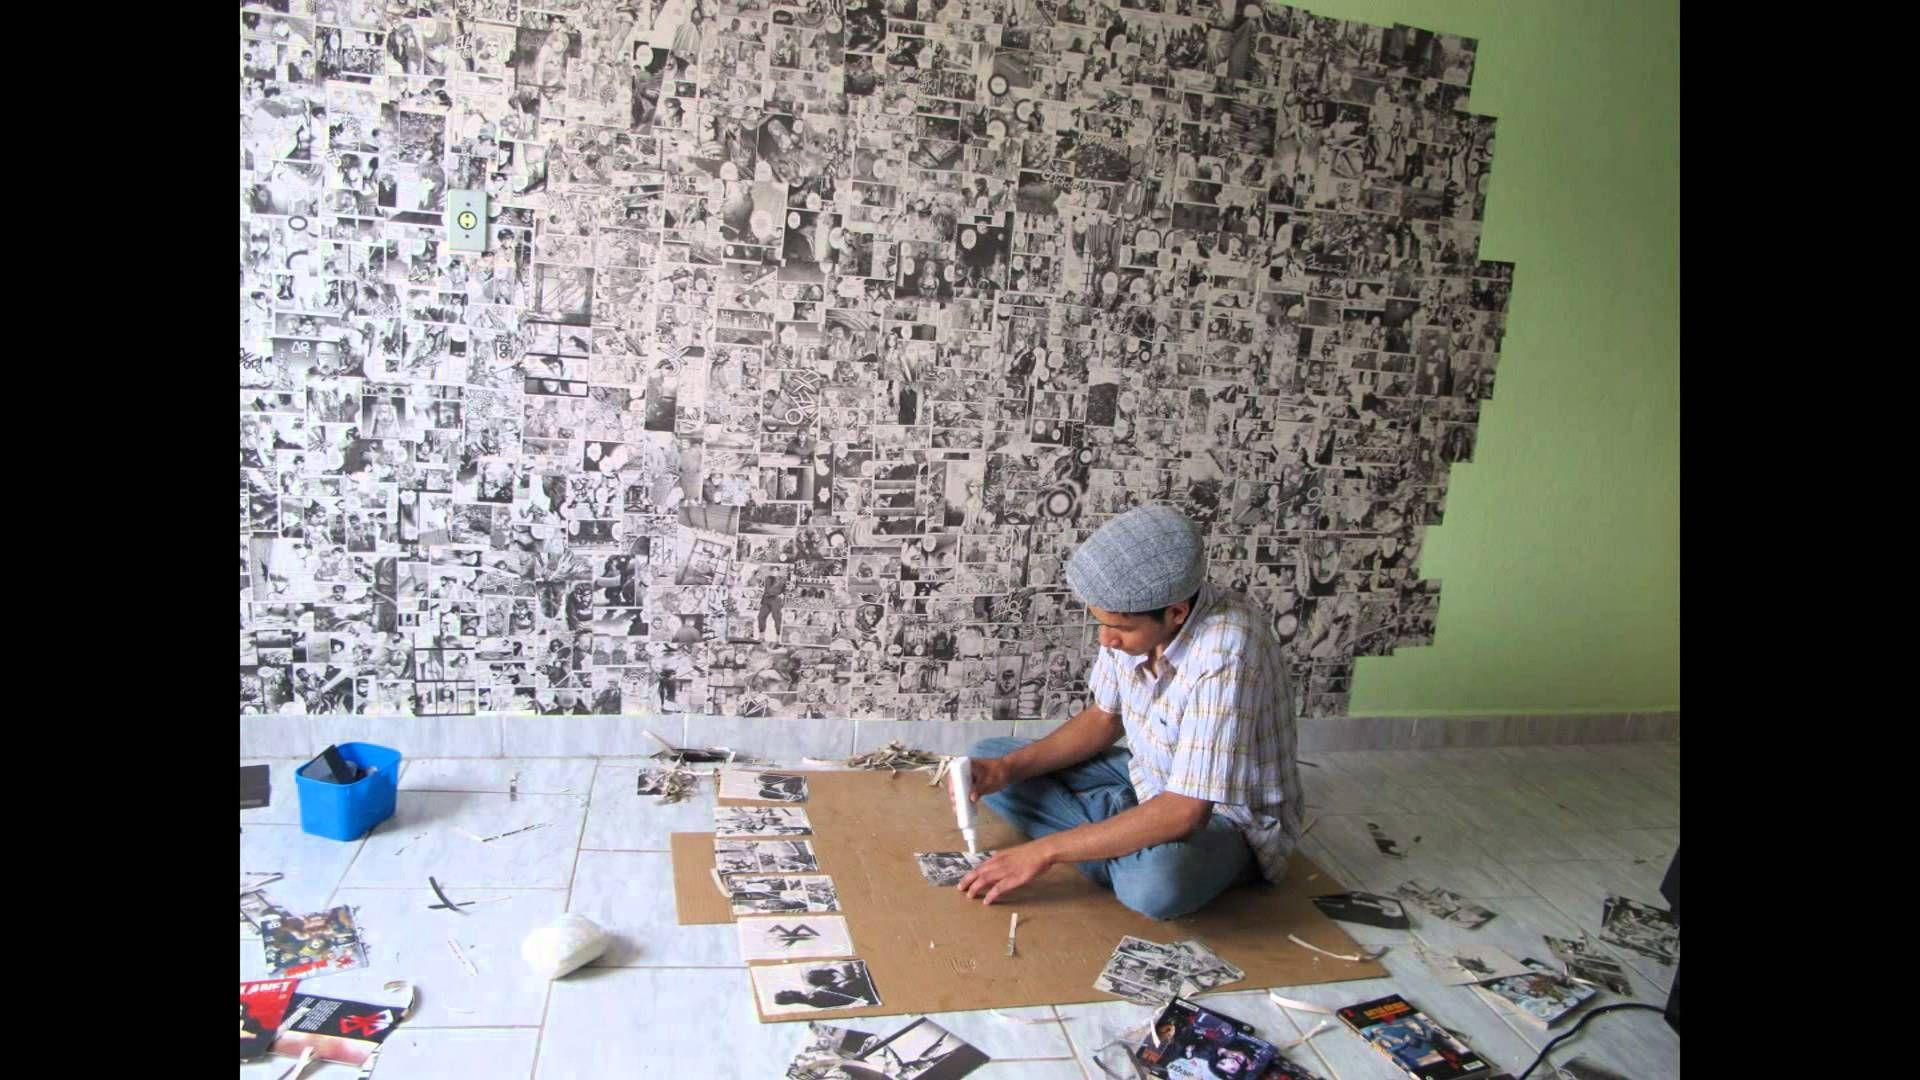 Stop Motion - Decorando parede com folhas de mangás